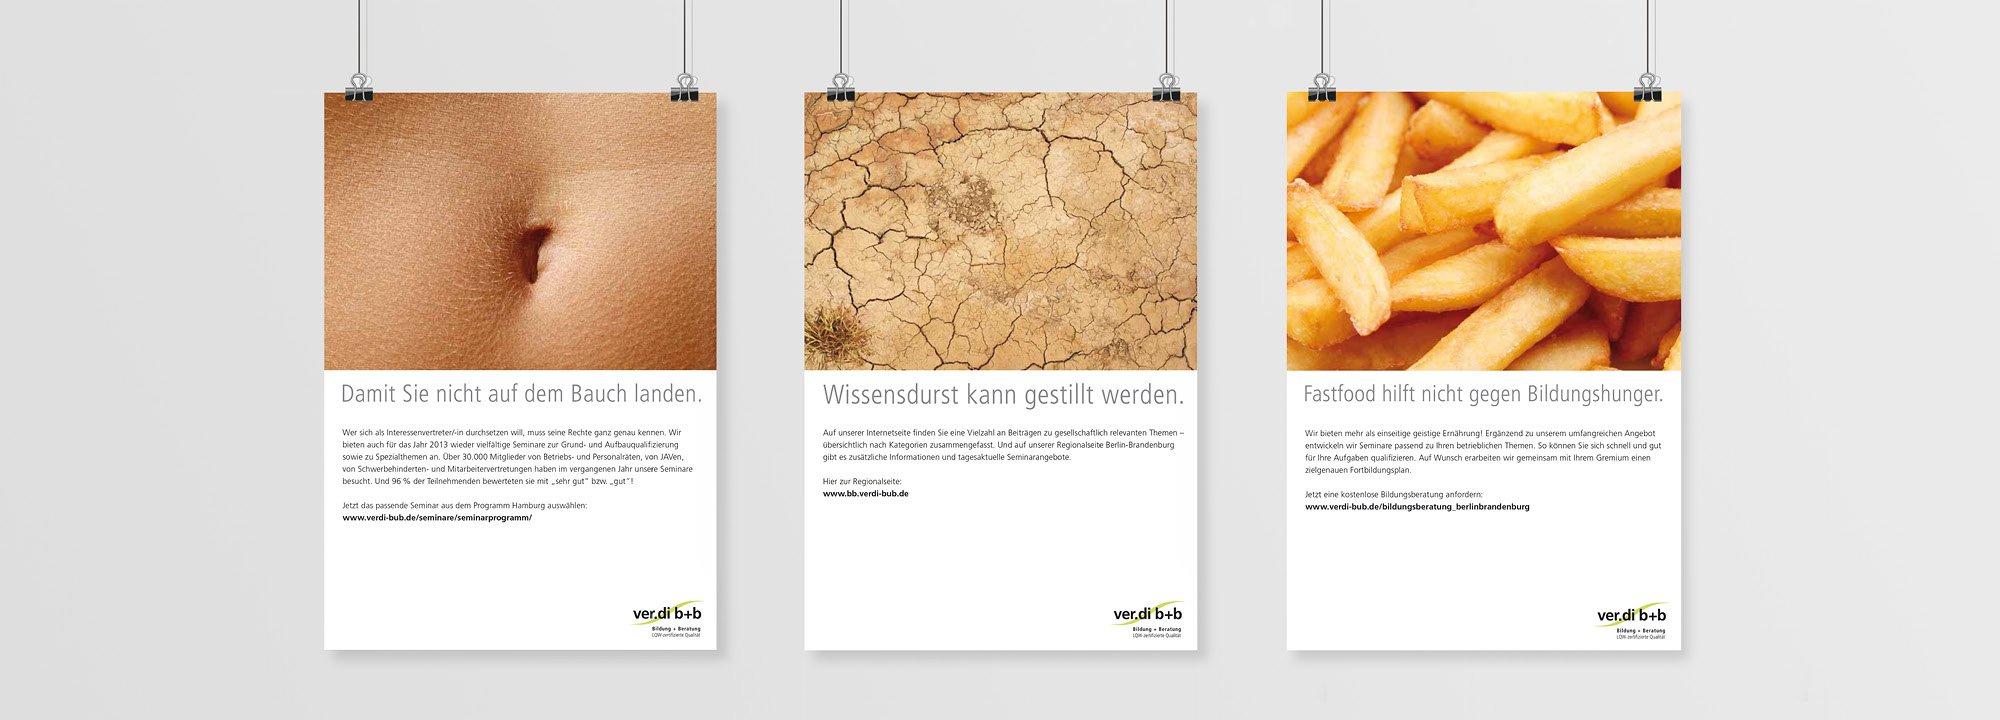 Kampagne Wissensdurst Bildungshunger 2012